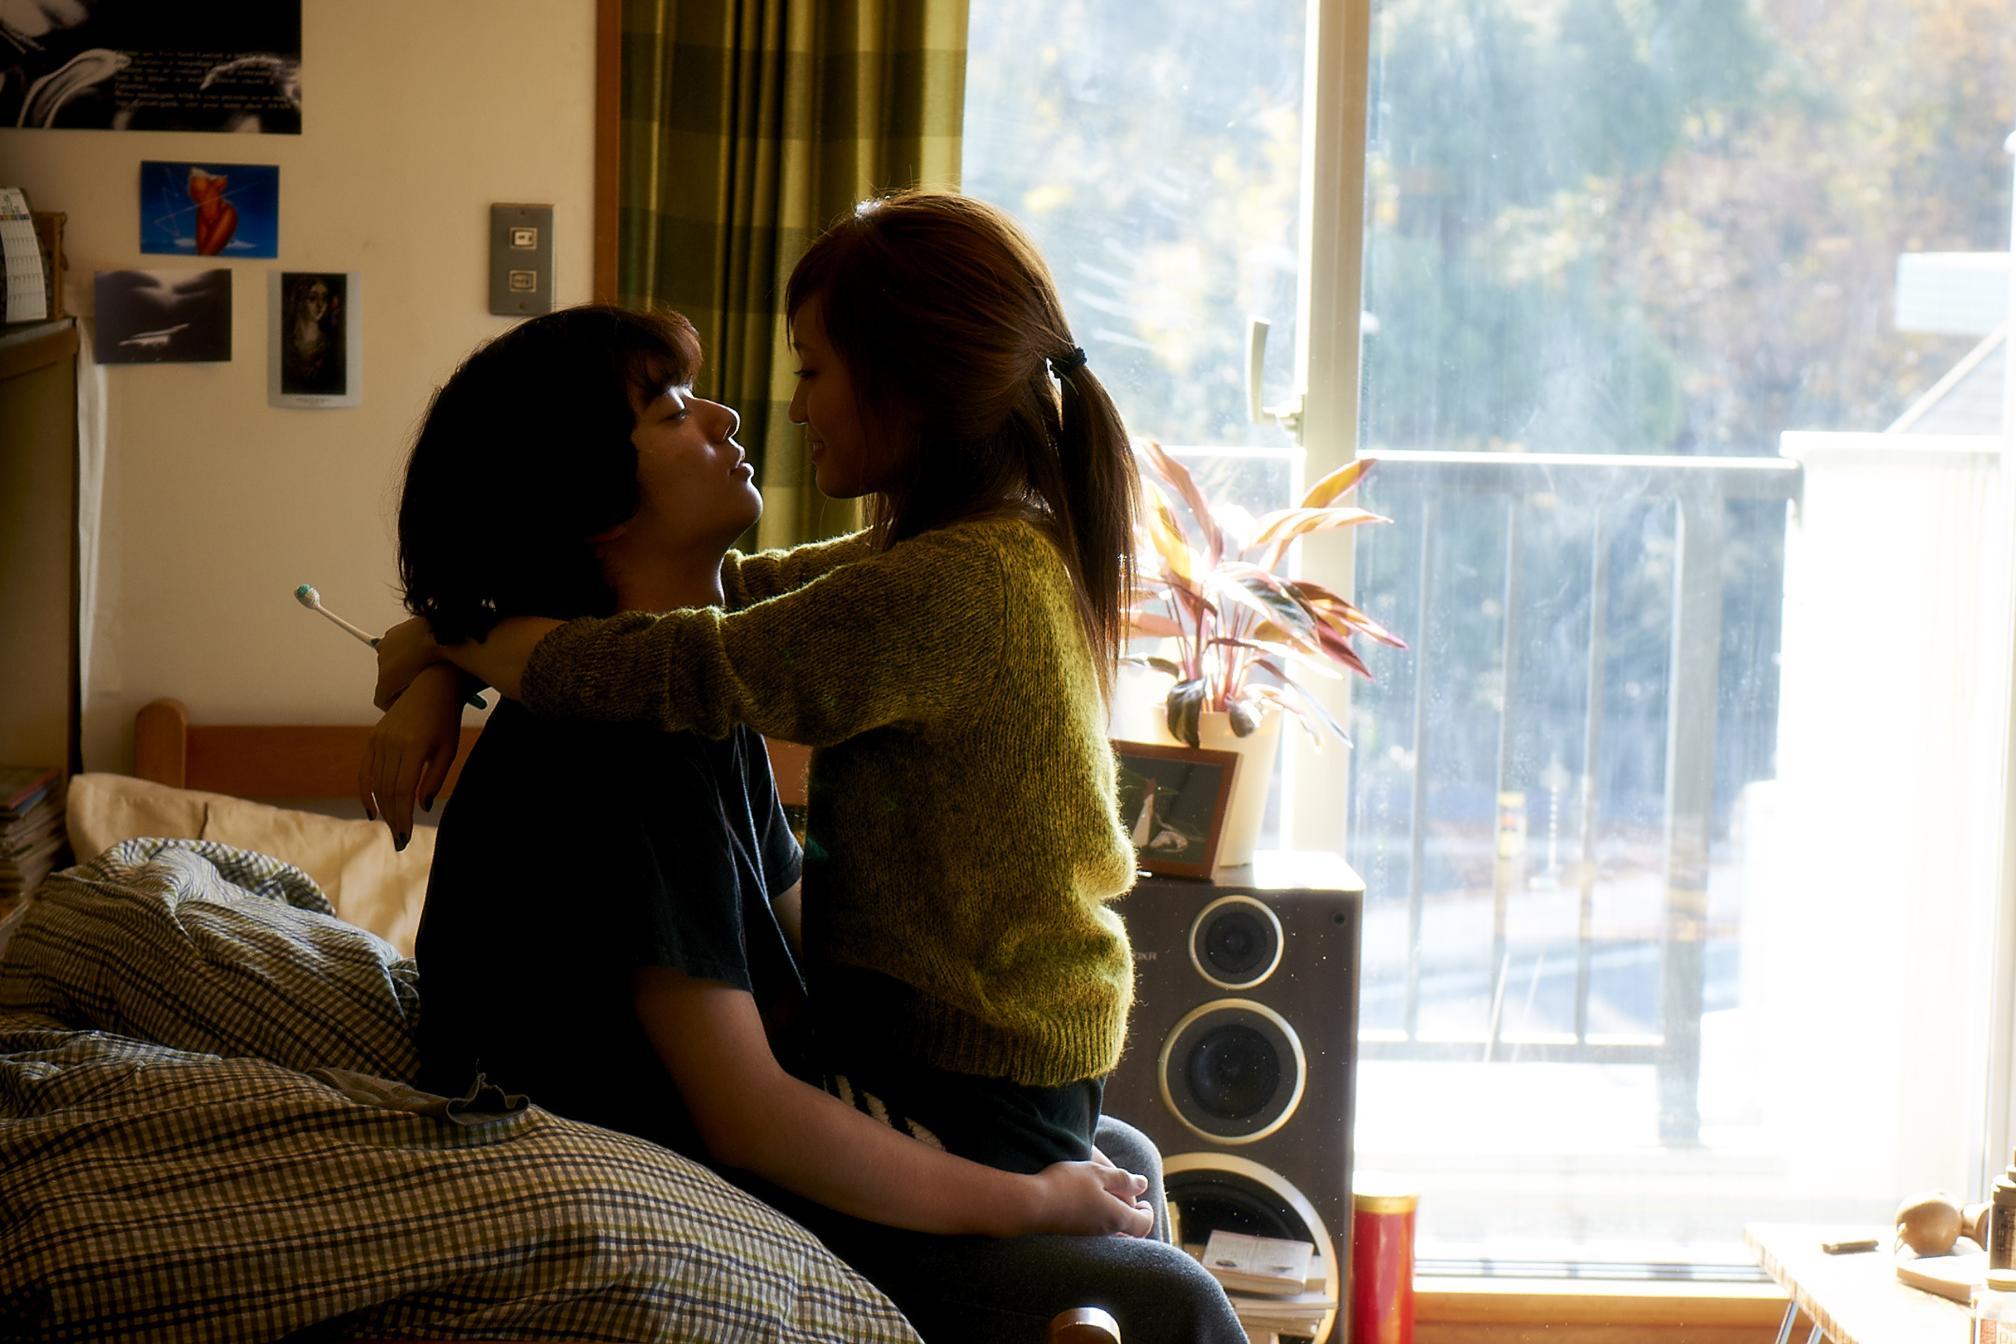 歌舞伎町 24小時愛情摩鐵劇照 1